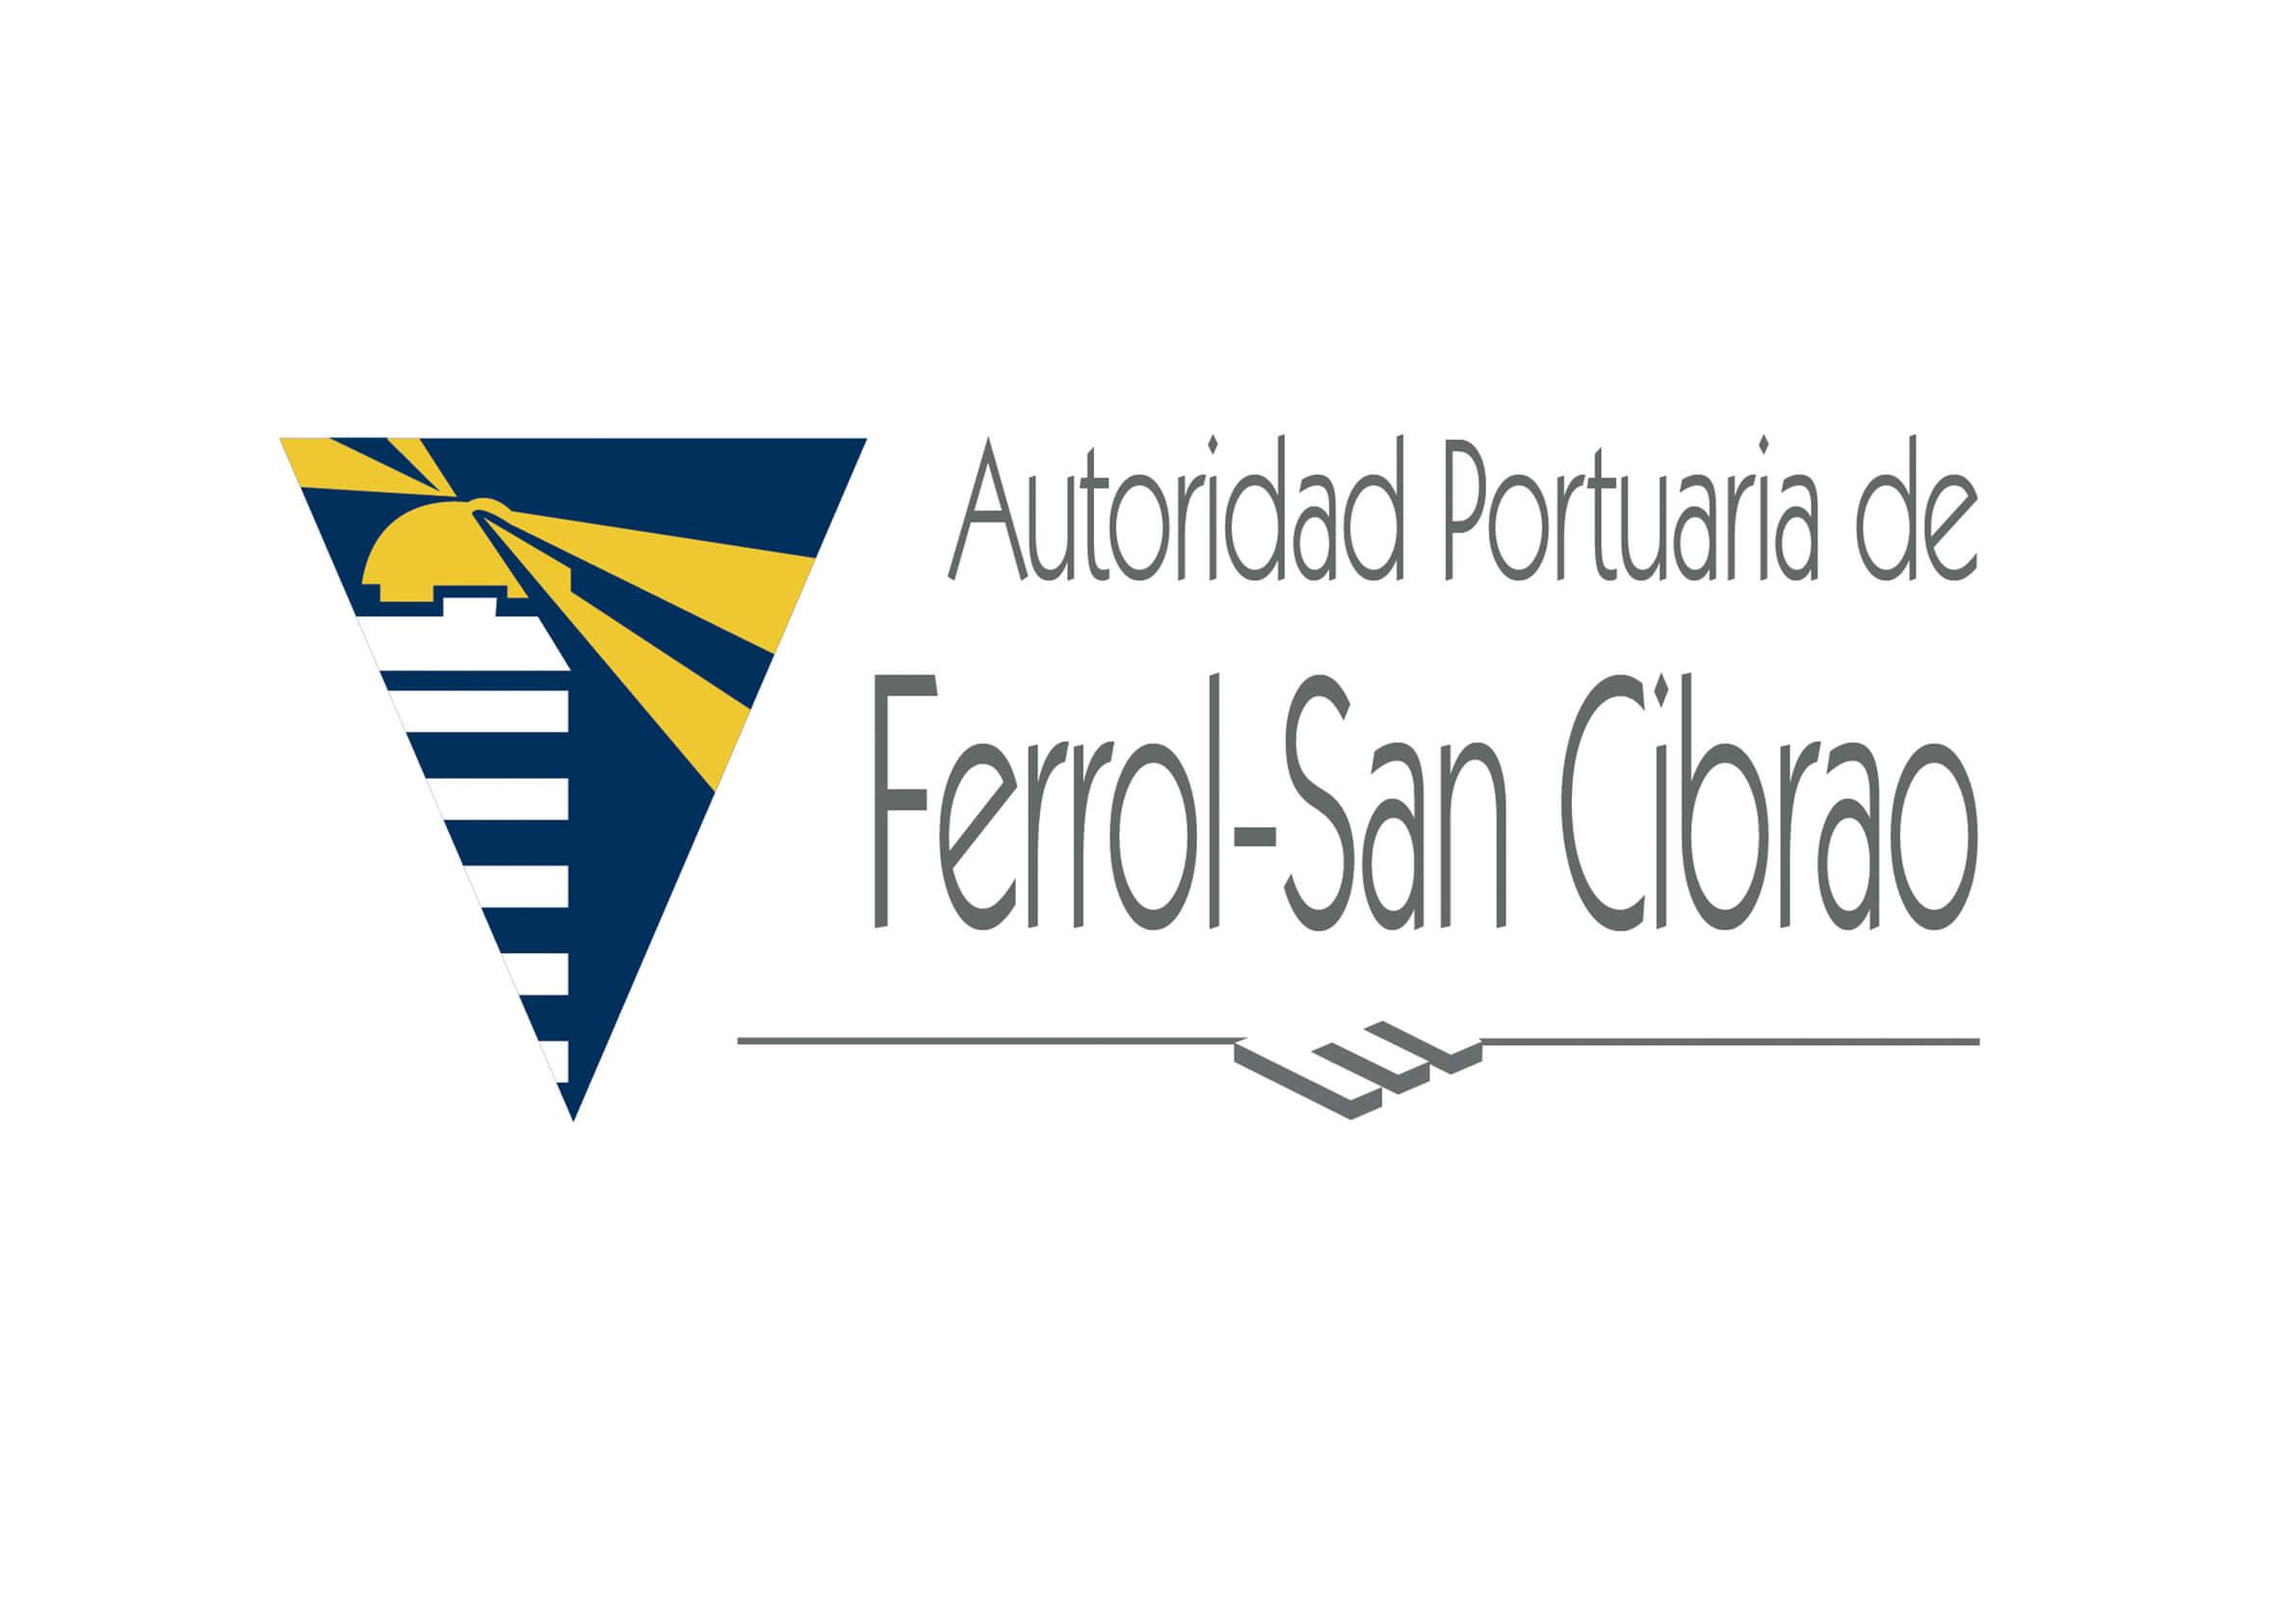 Porto Ferrol